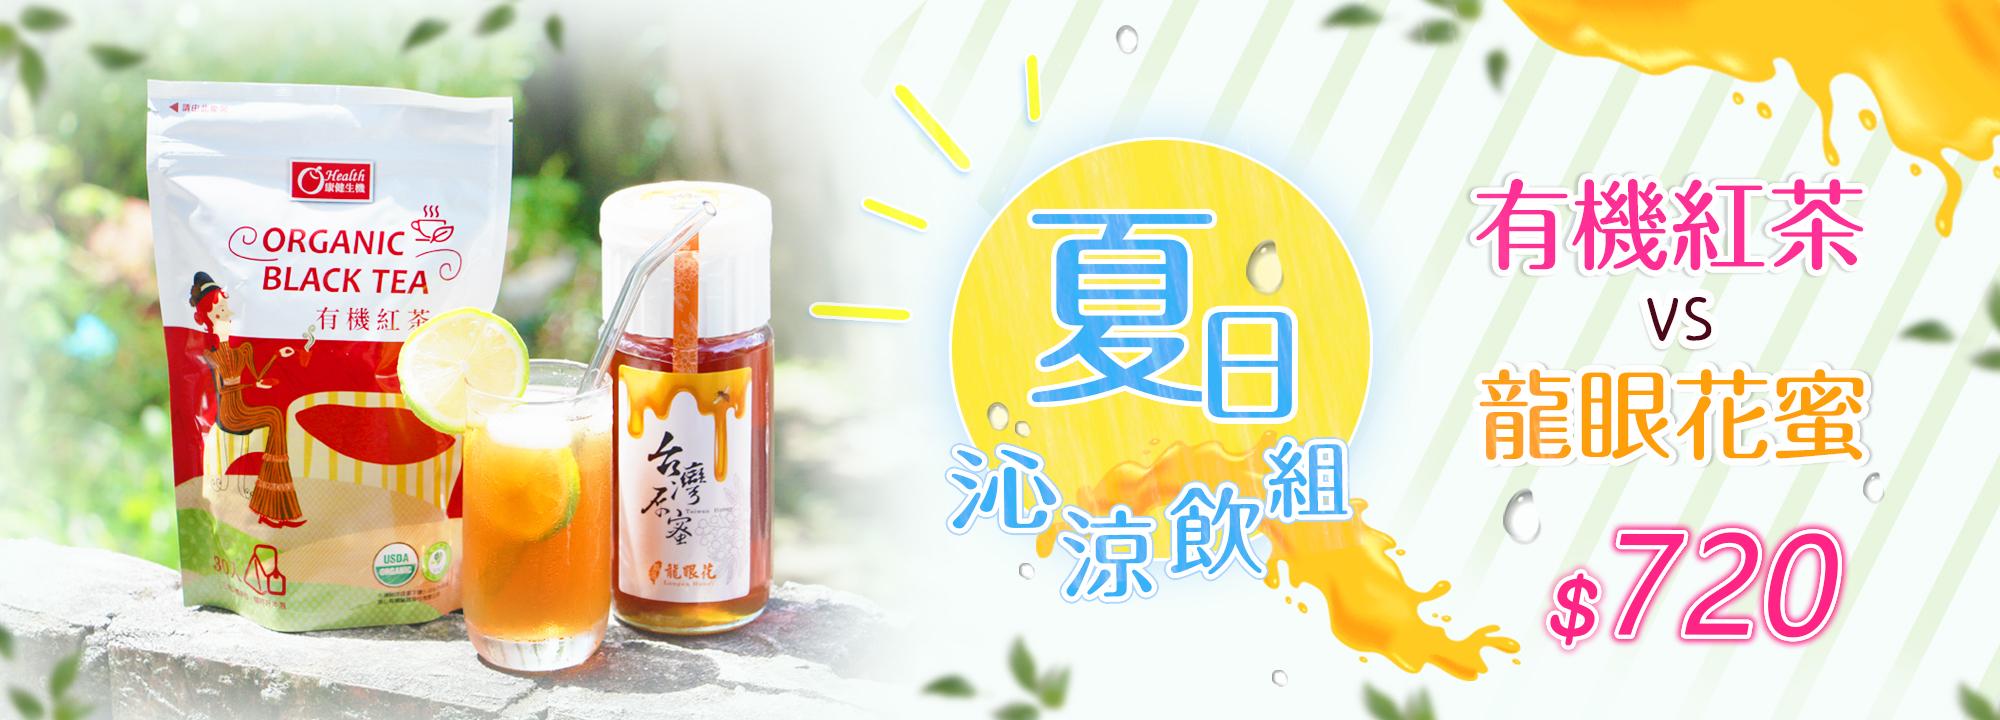 蜂蜜季來囉,超值優惠組合,夏日清涼必備飲品,蜂蜜紅茶,沁涼組合